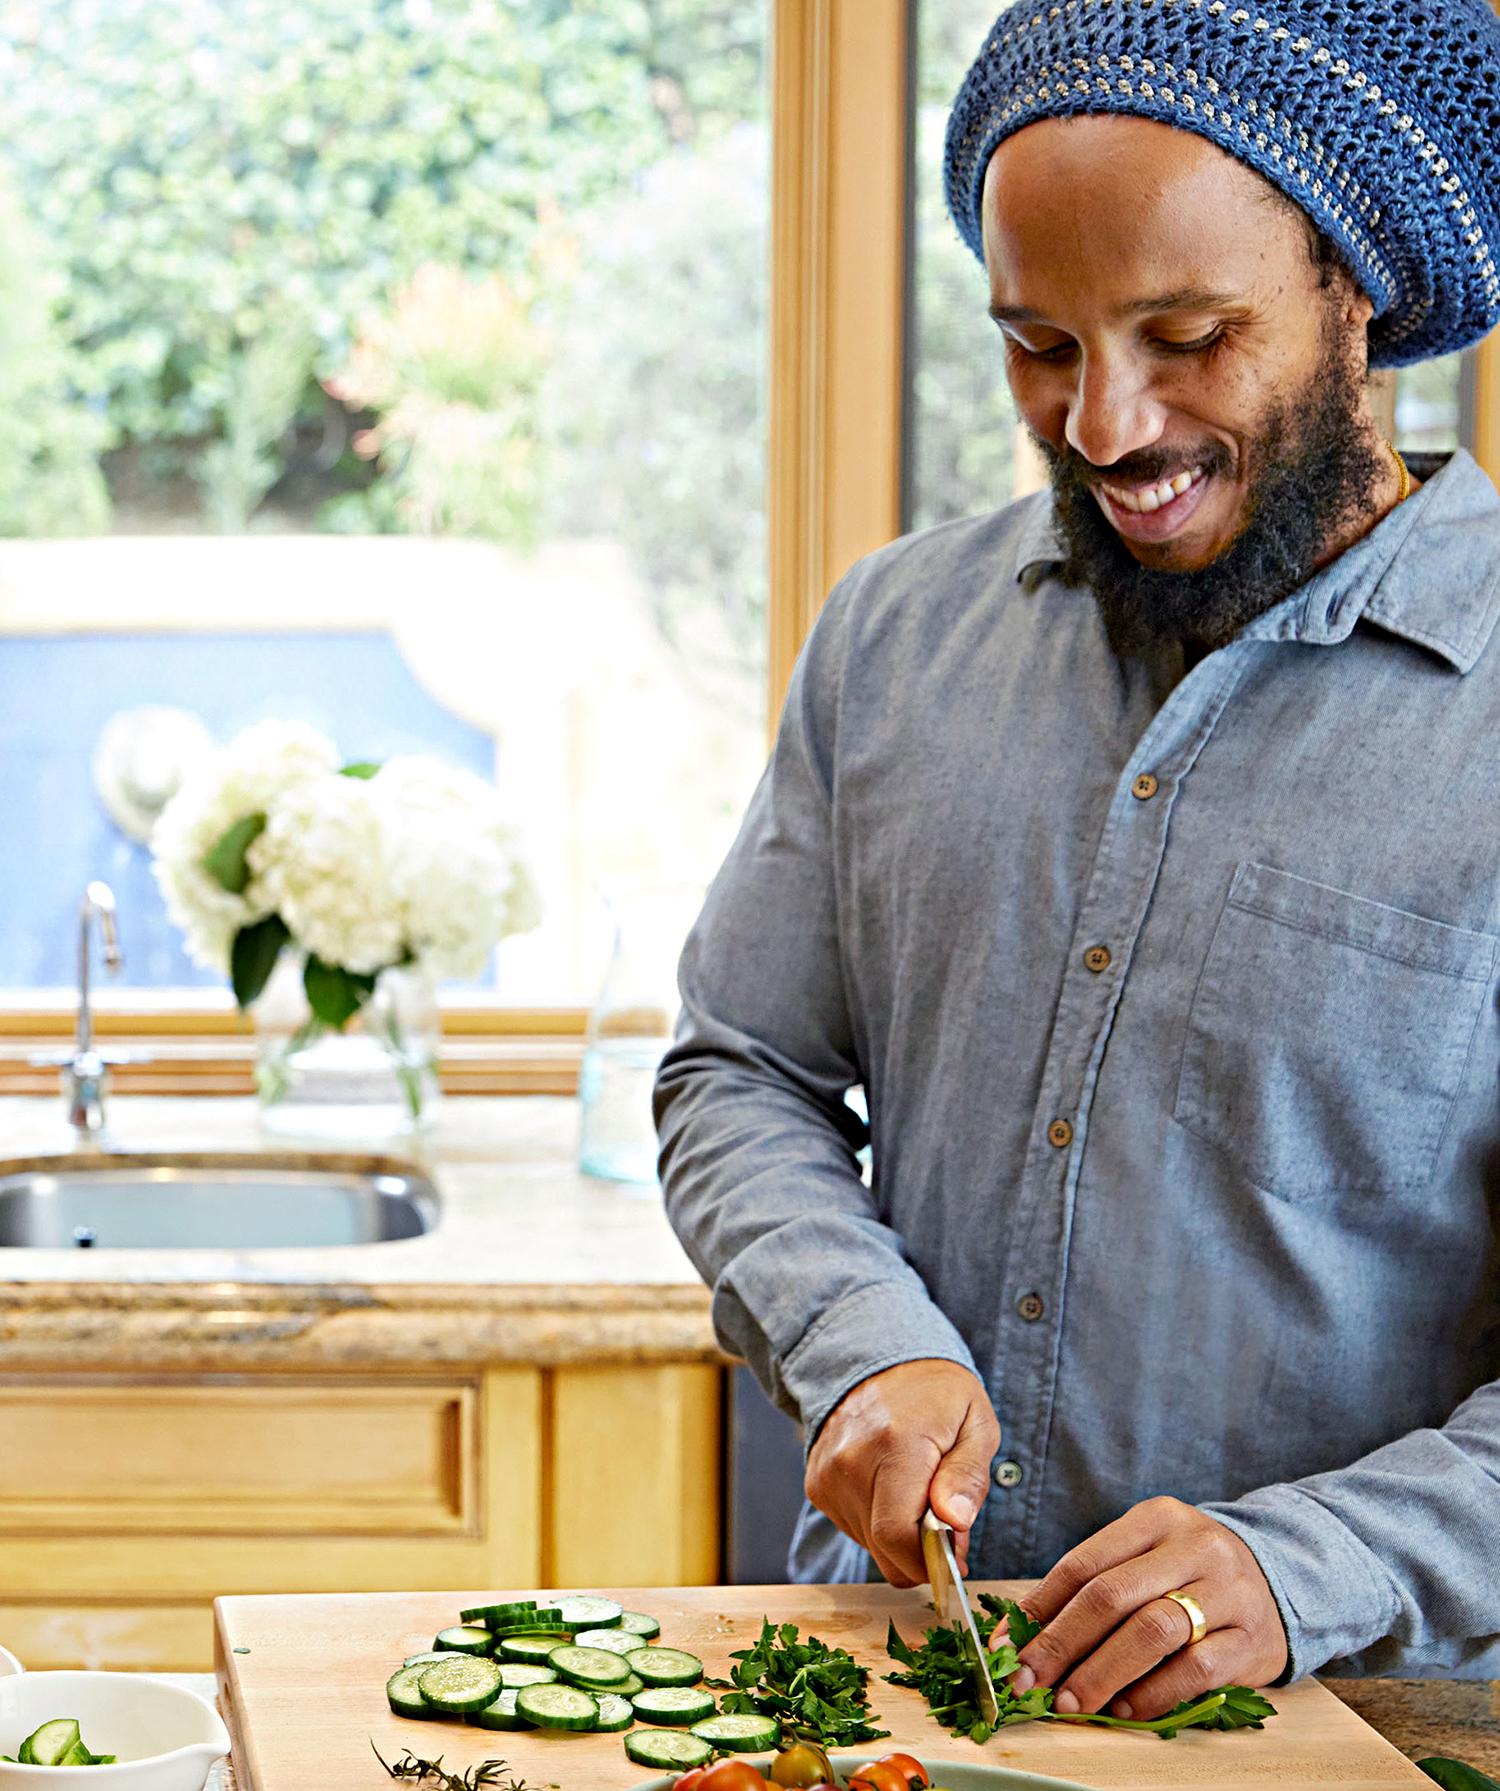 ziggy marley in kitchen preparing food